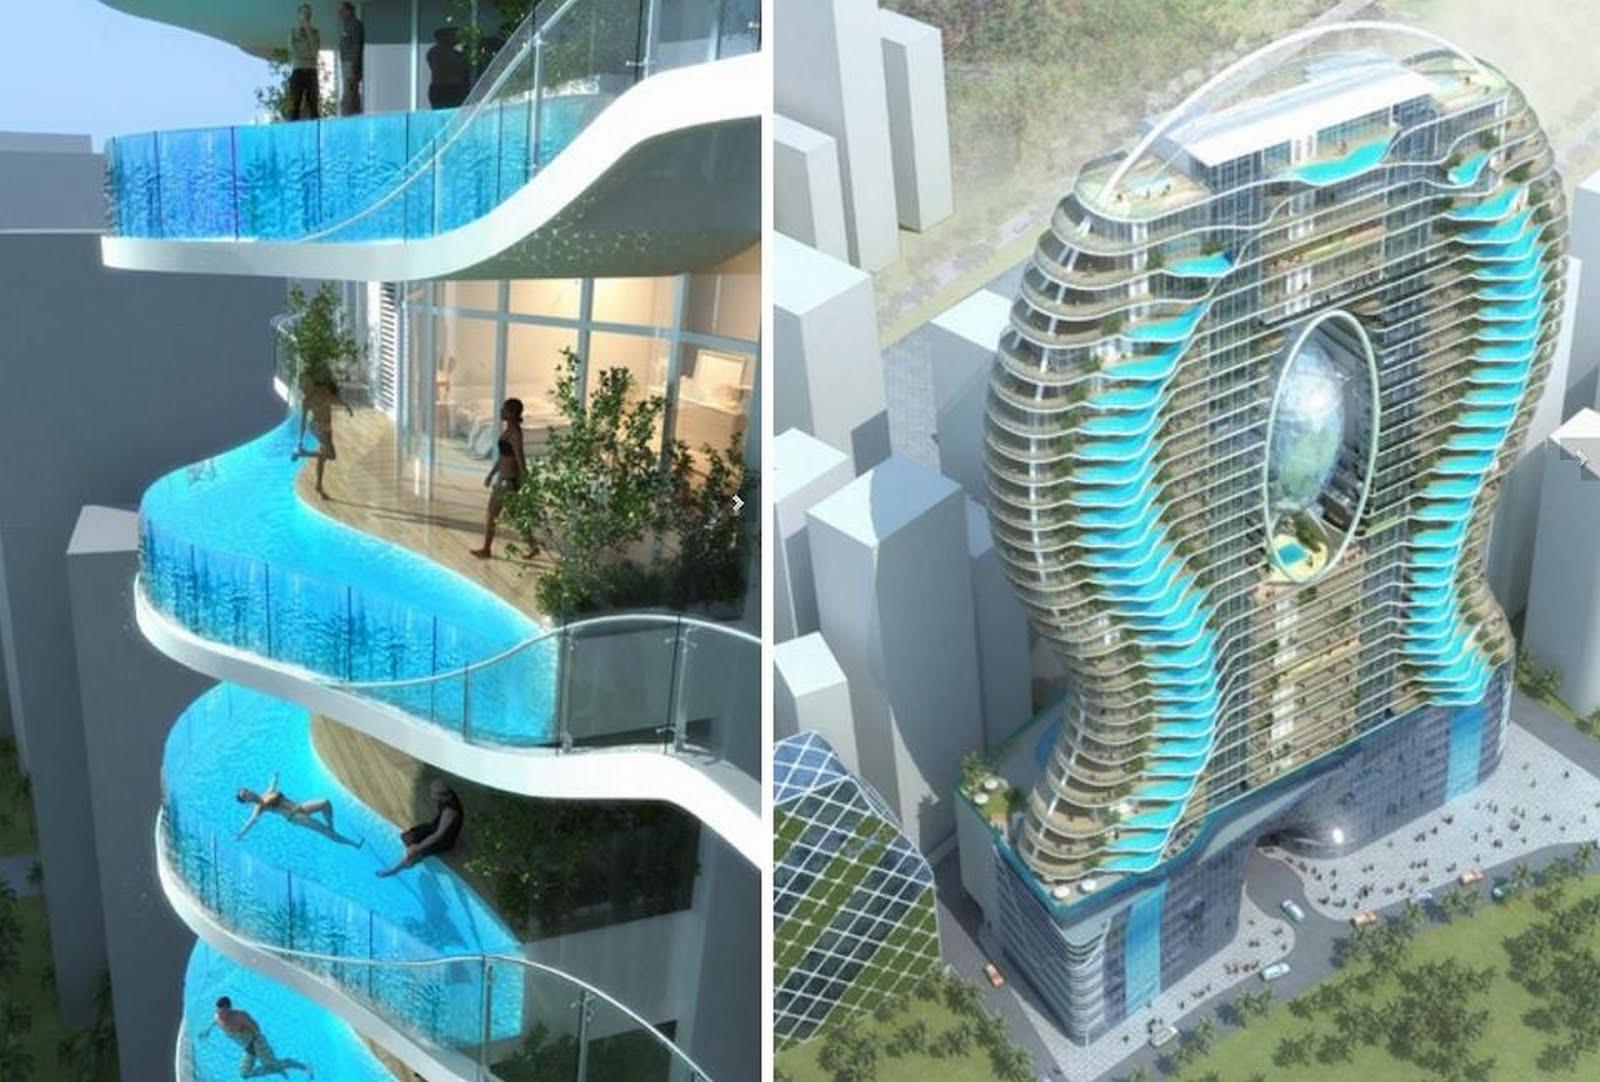 Ostivm agosto 2012 - Piscinas en terrazas de casas ...